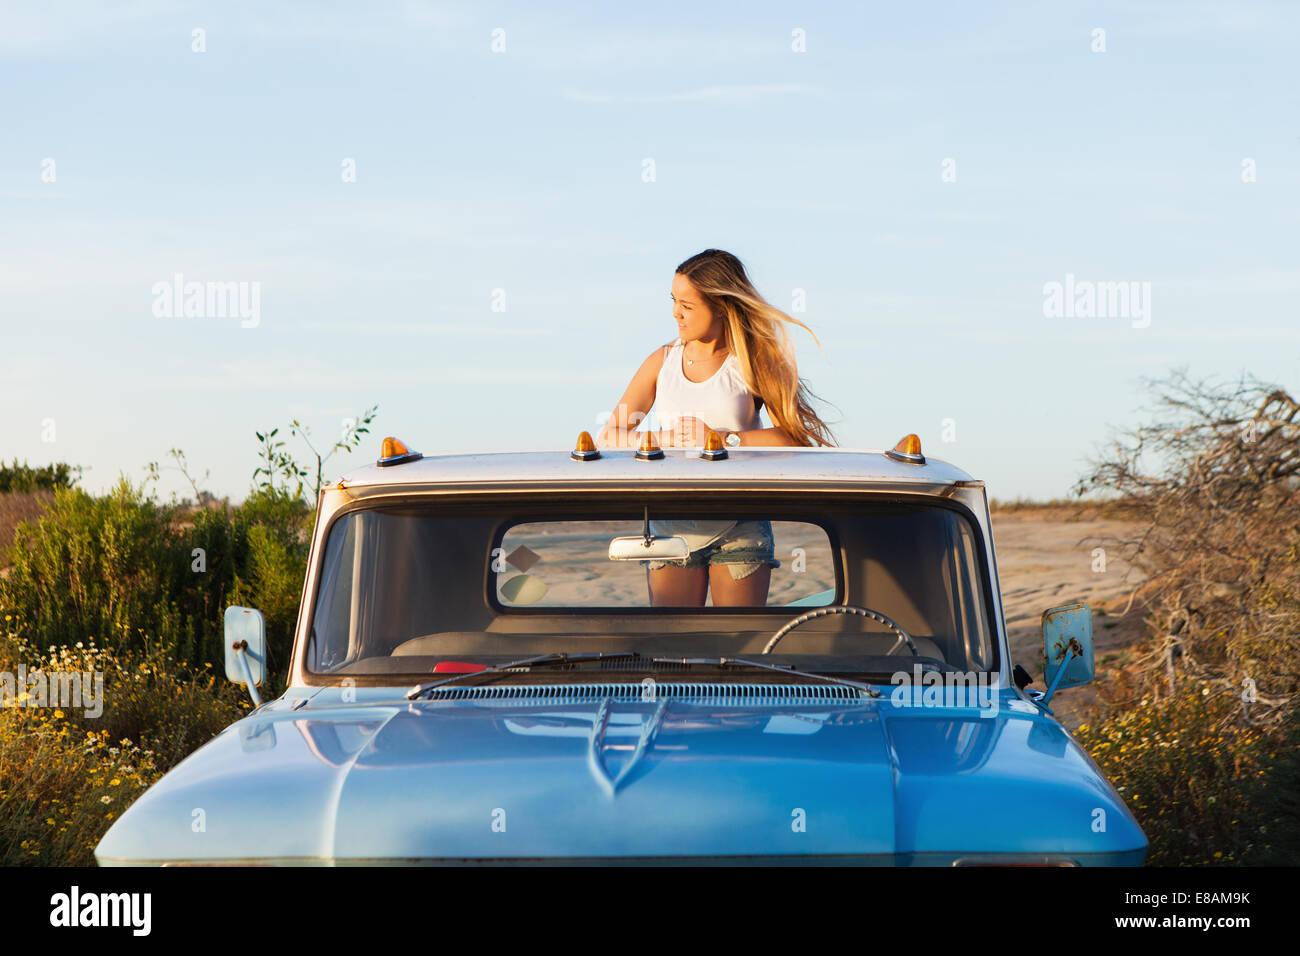 Jeune femme à la recherche de l'arrière d'un pick-up Banque D'Images